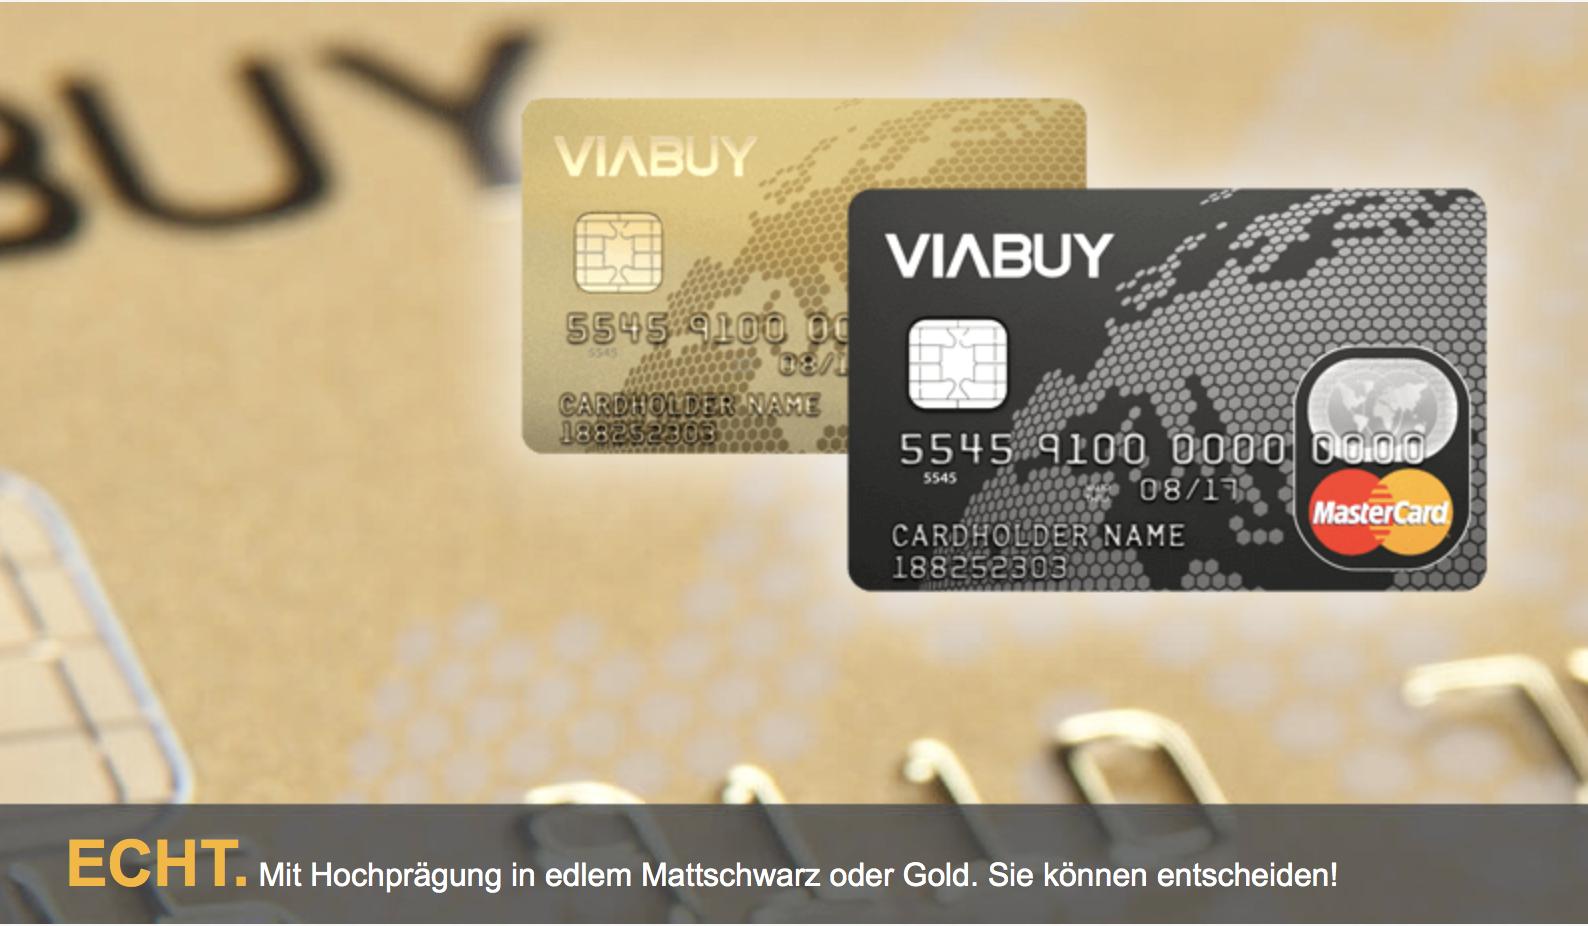 VIABUY bietet eine schufafreie Prepaid MasterCard.